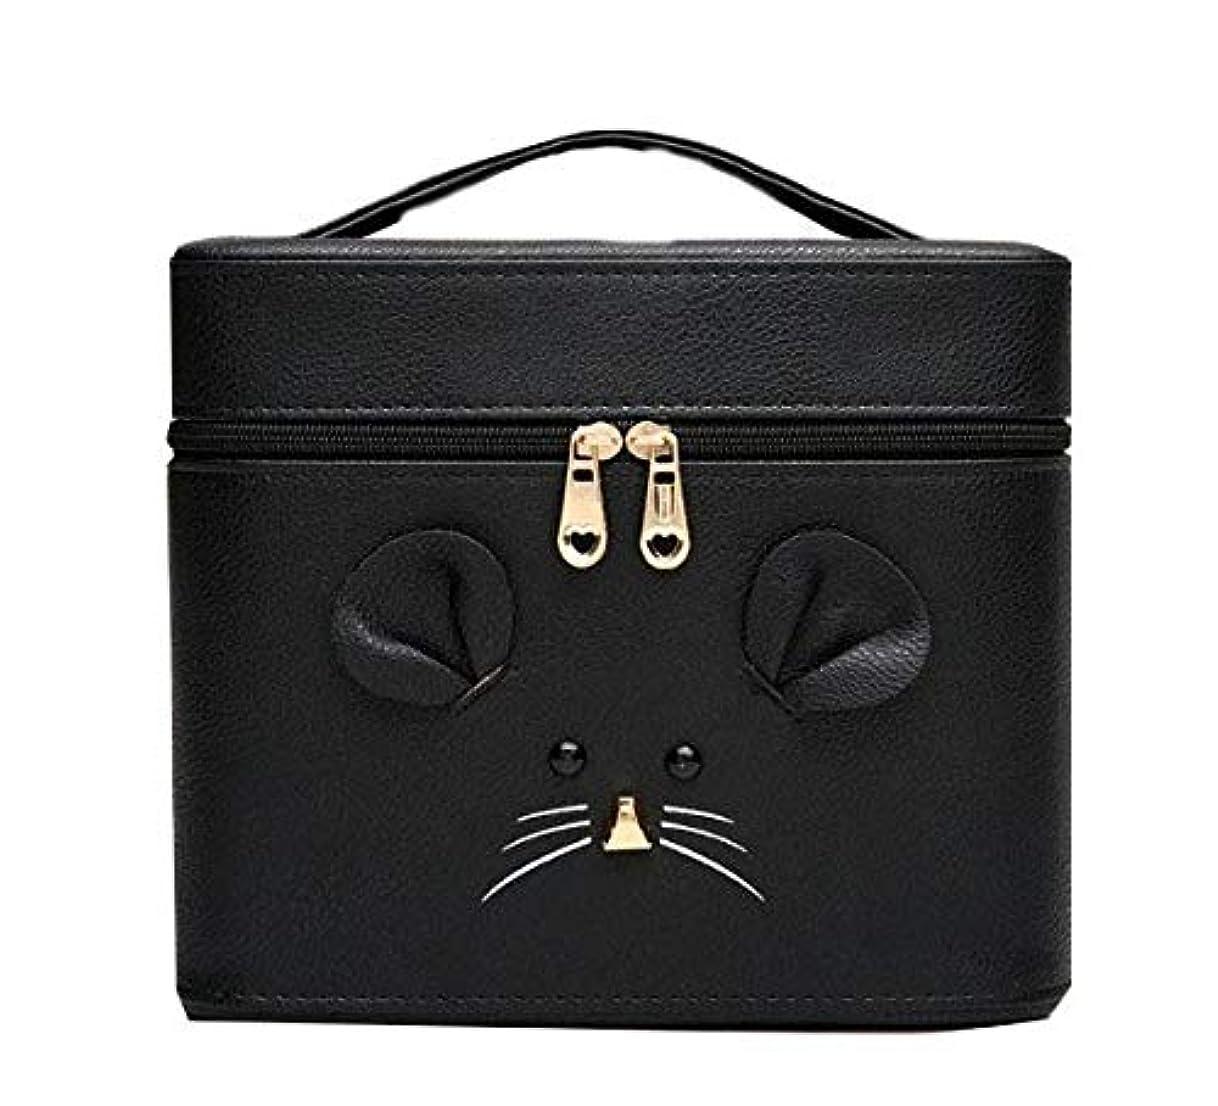 グレートバリアリーフメニュー練習した化粧箱、黒漫画のマウス化粧ケース、ポータブル旅行化粧品ケース、美容ネイルジュエリー収納ボックス (Size : S)